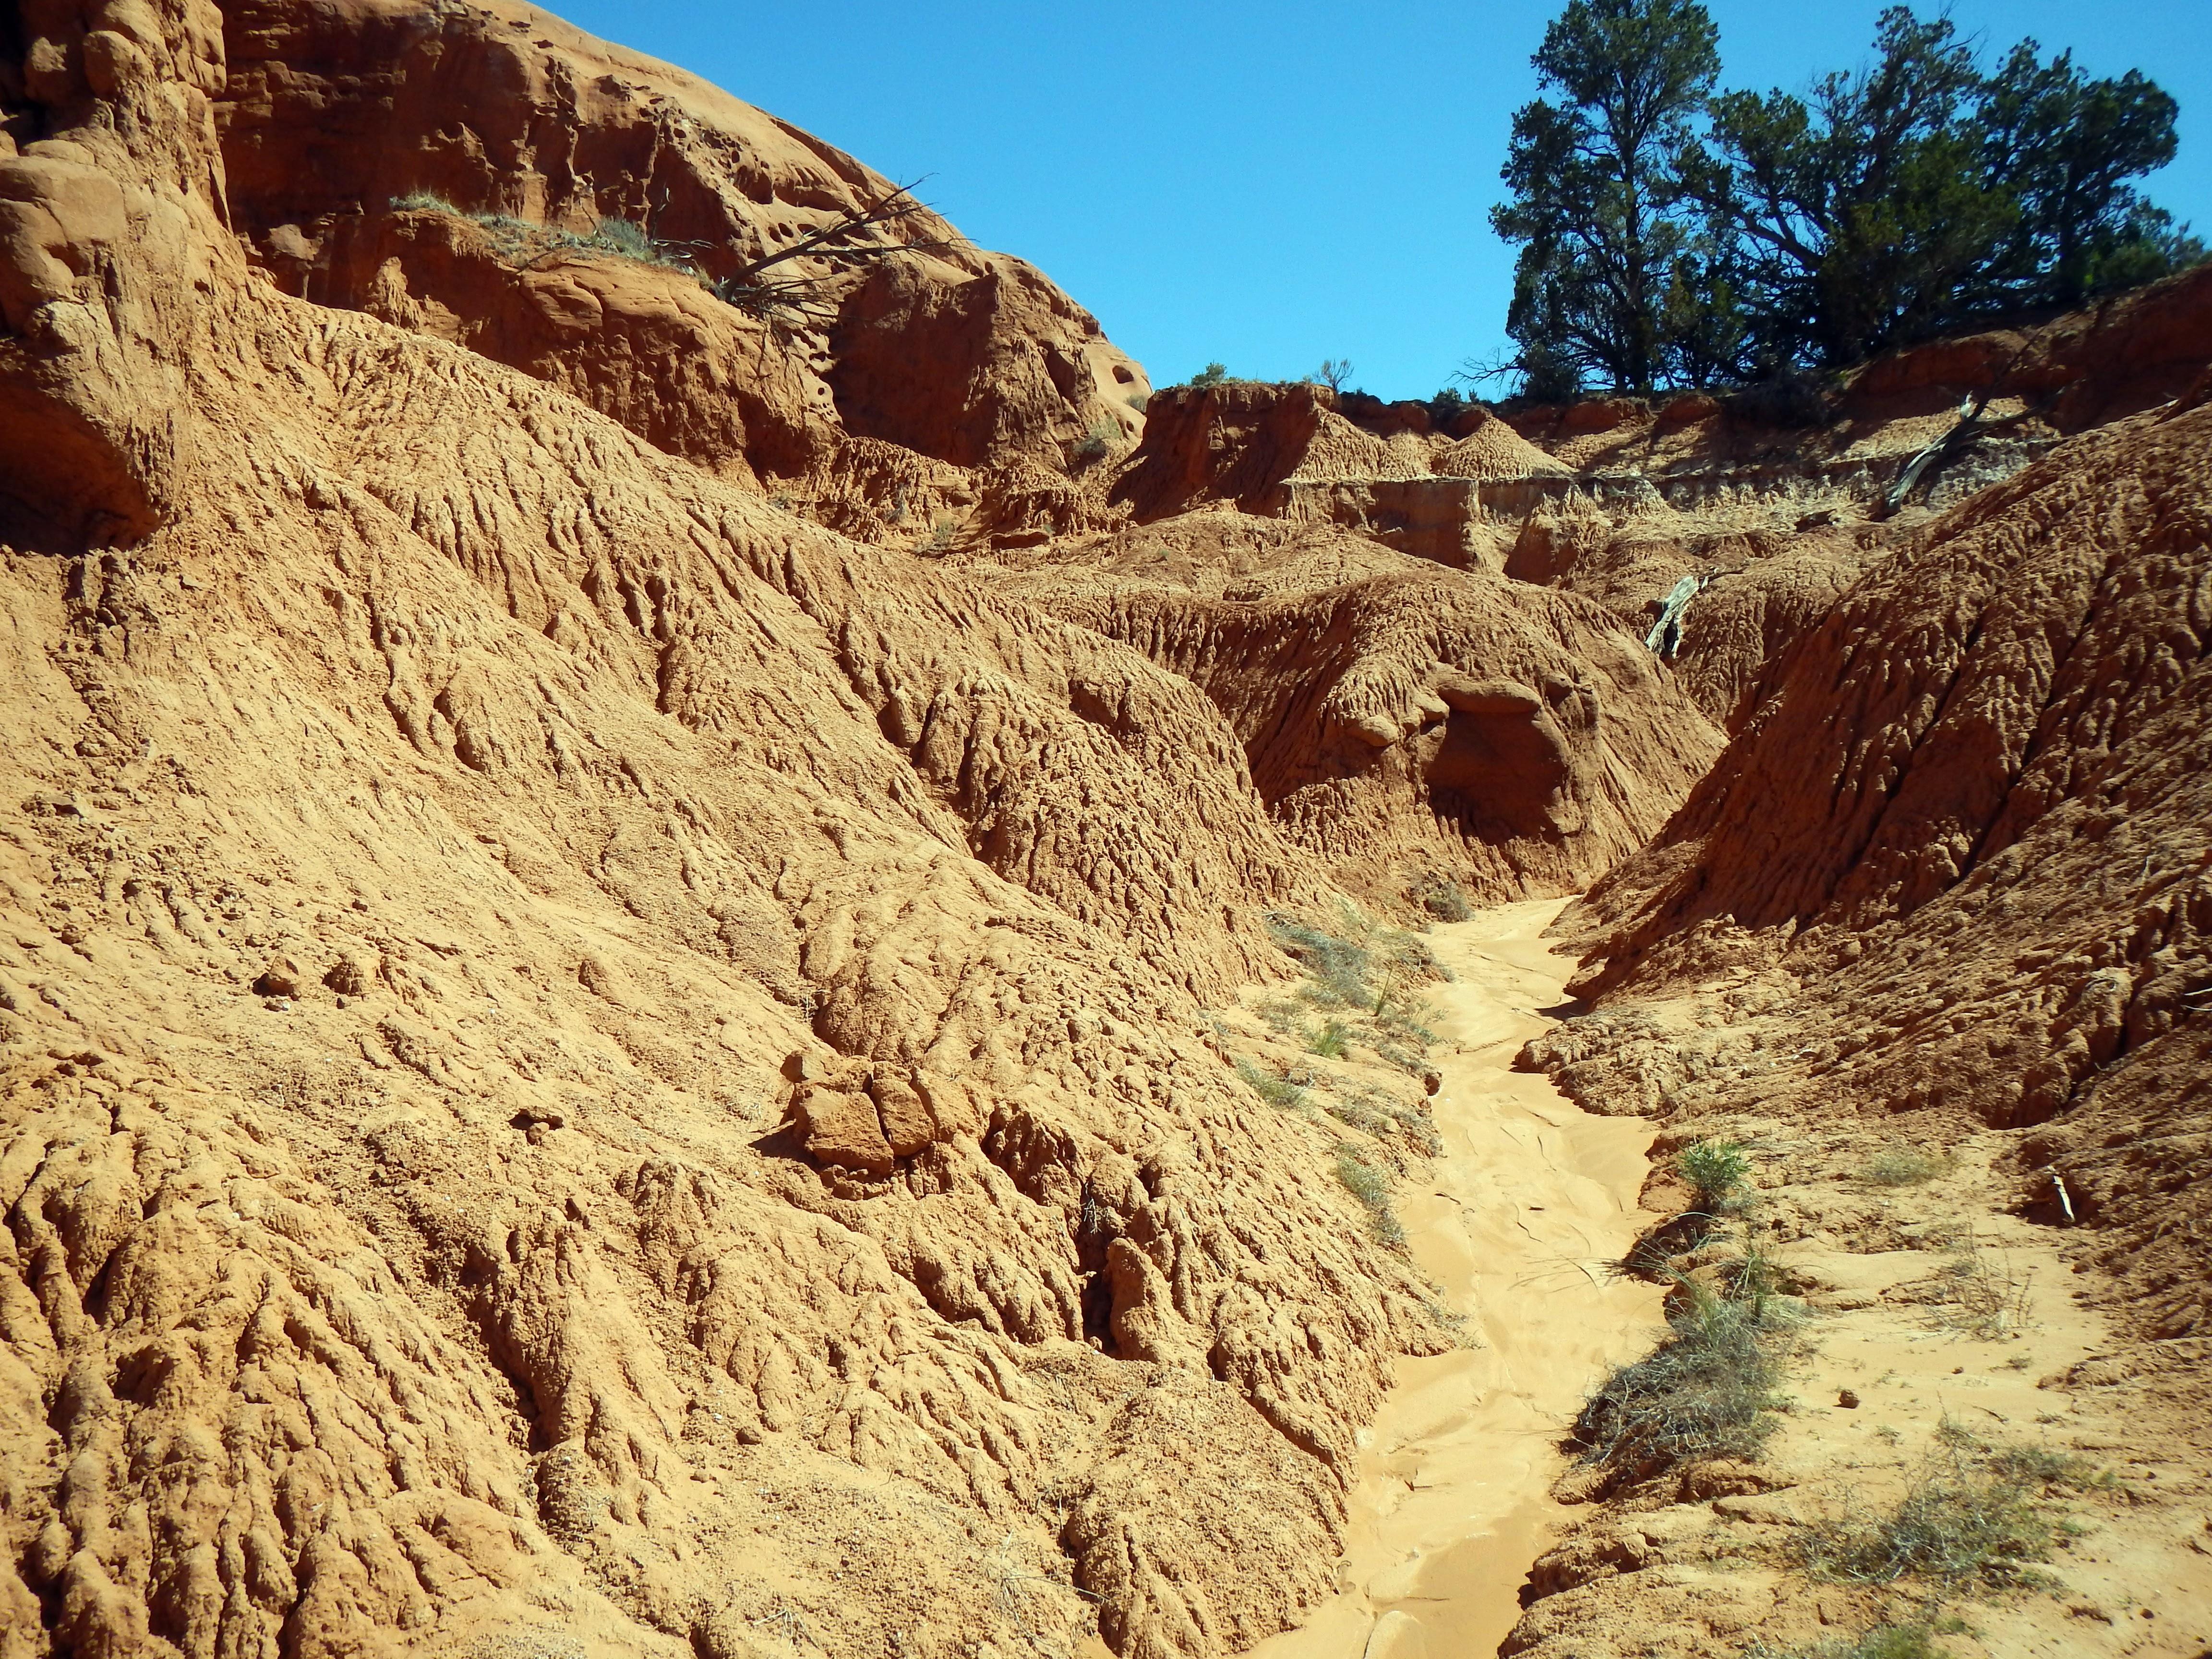 Photo: Hardened mud flow